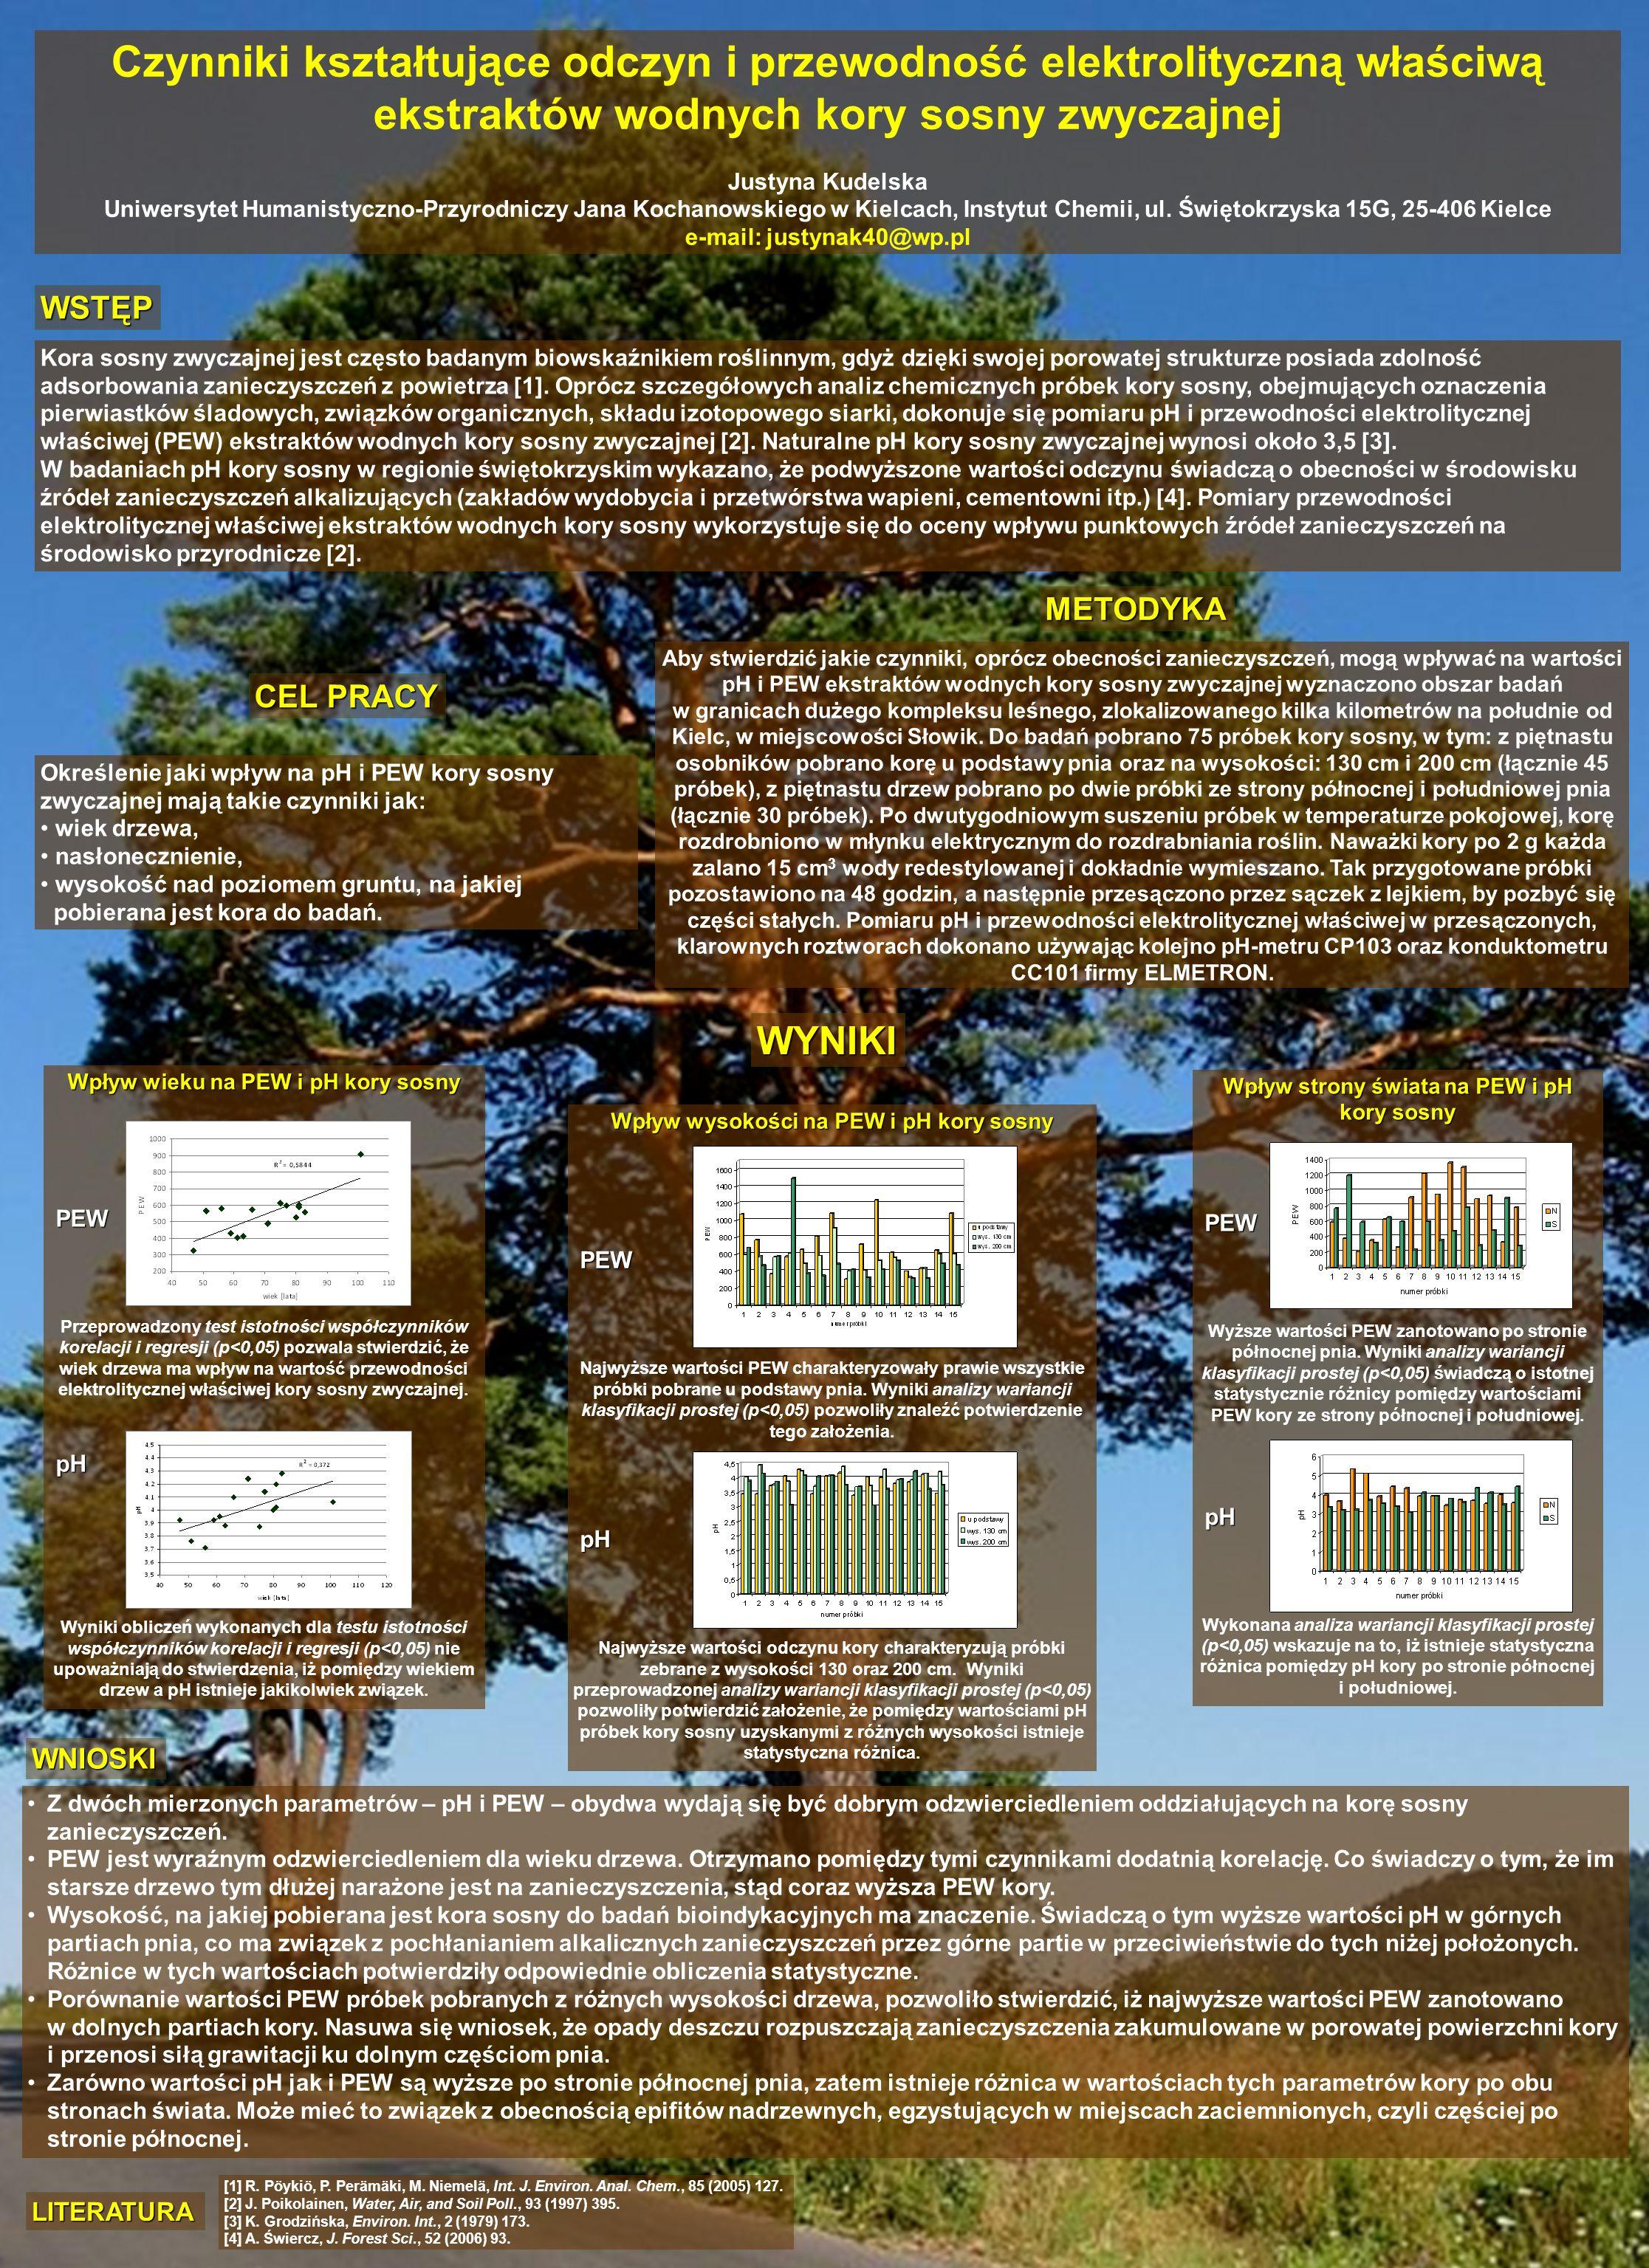 Czynniki kształtujące odczyn i przewodność elektrolityczną właściwą ekstraktów wodnych kory sosny zwyczajnej